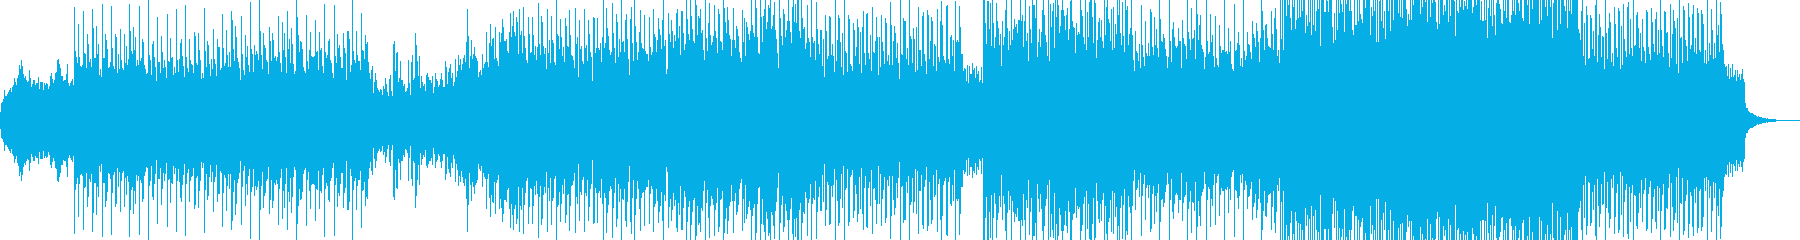 かわいい感じのテクノポップインストの再生済みの波形